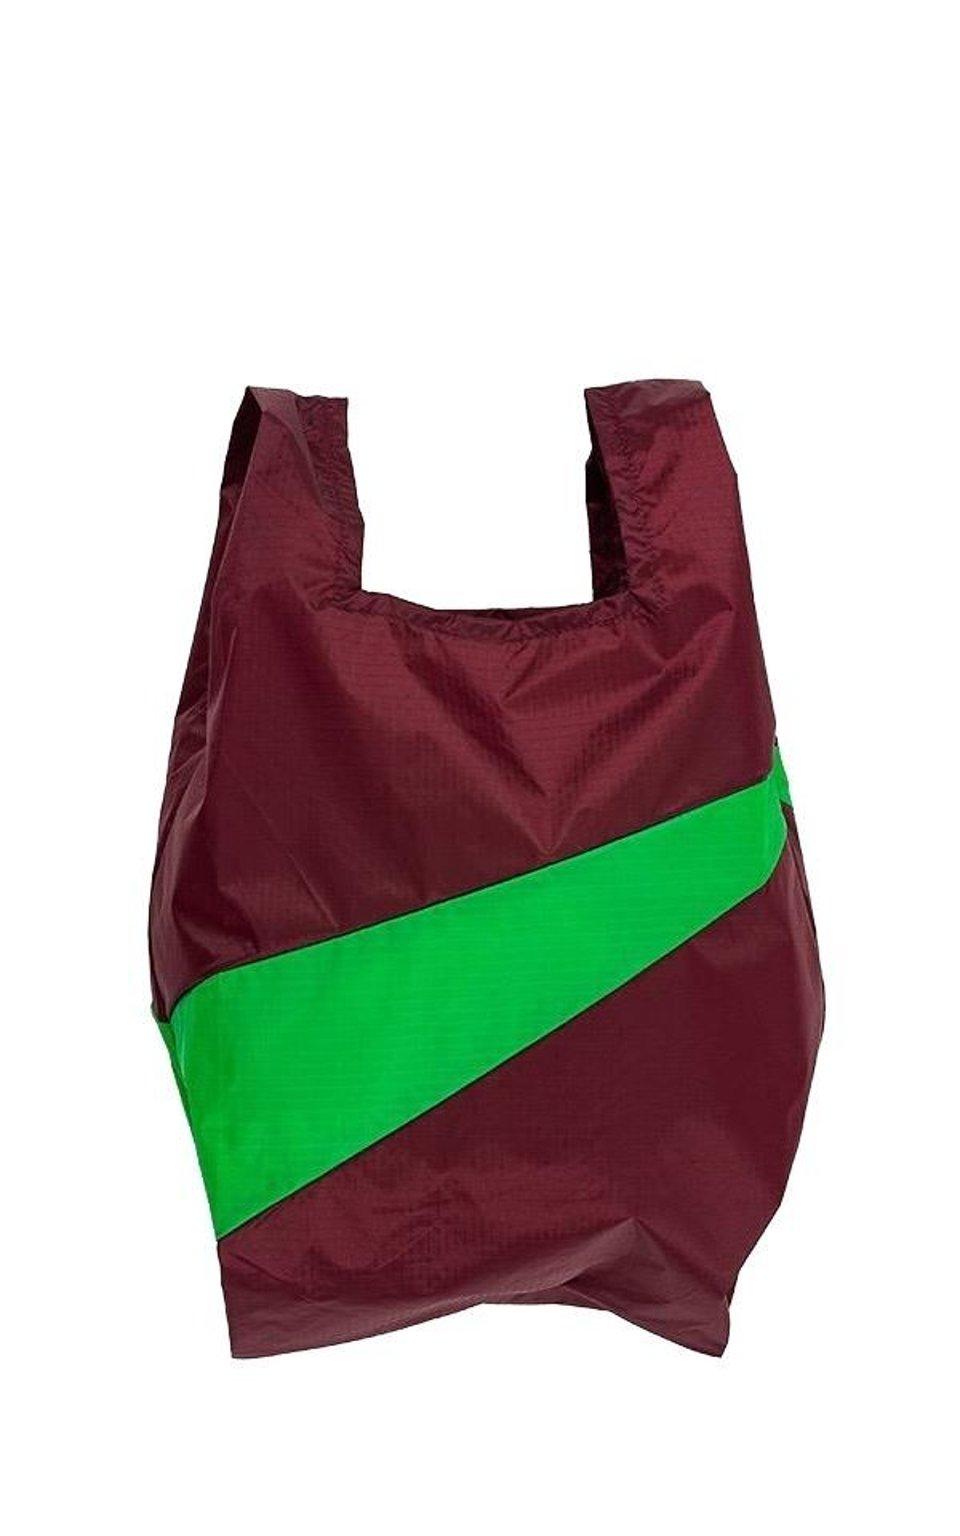 Shopping Bag #8